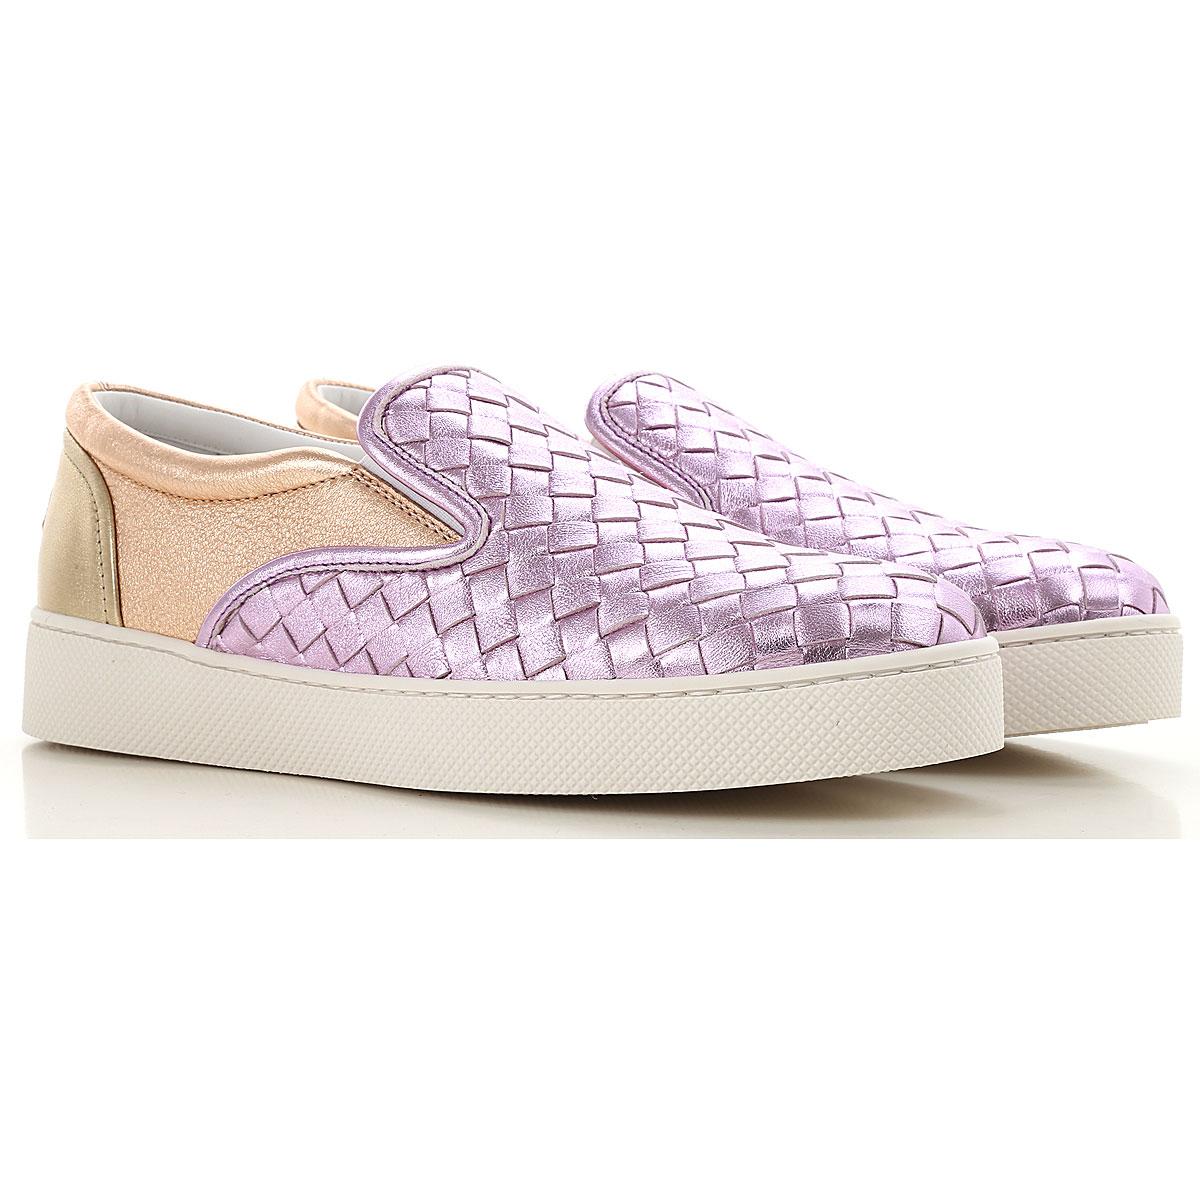 Image of Bottega Veneta Slip on Sneakers for Women, Fluo Pink, Patent, 2017, 10 5 6 7 8